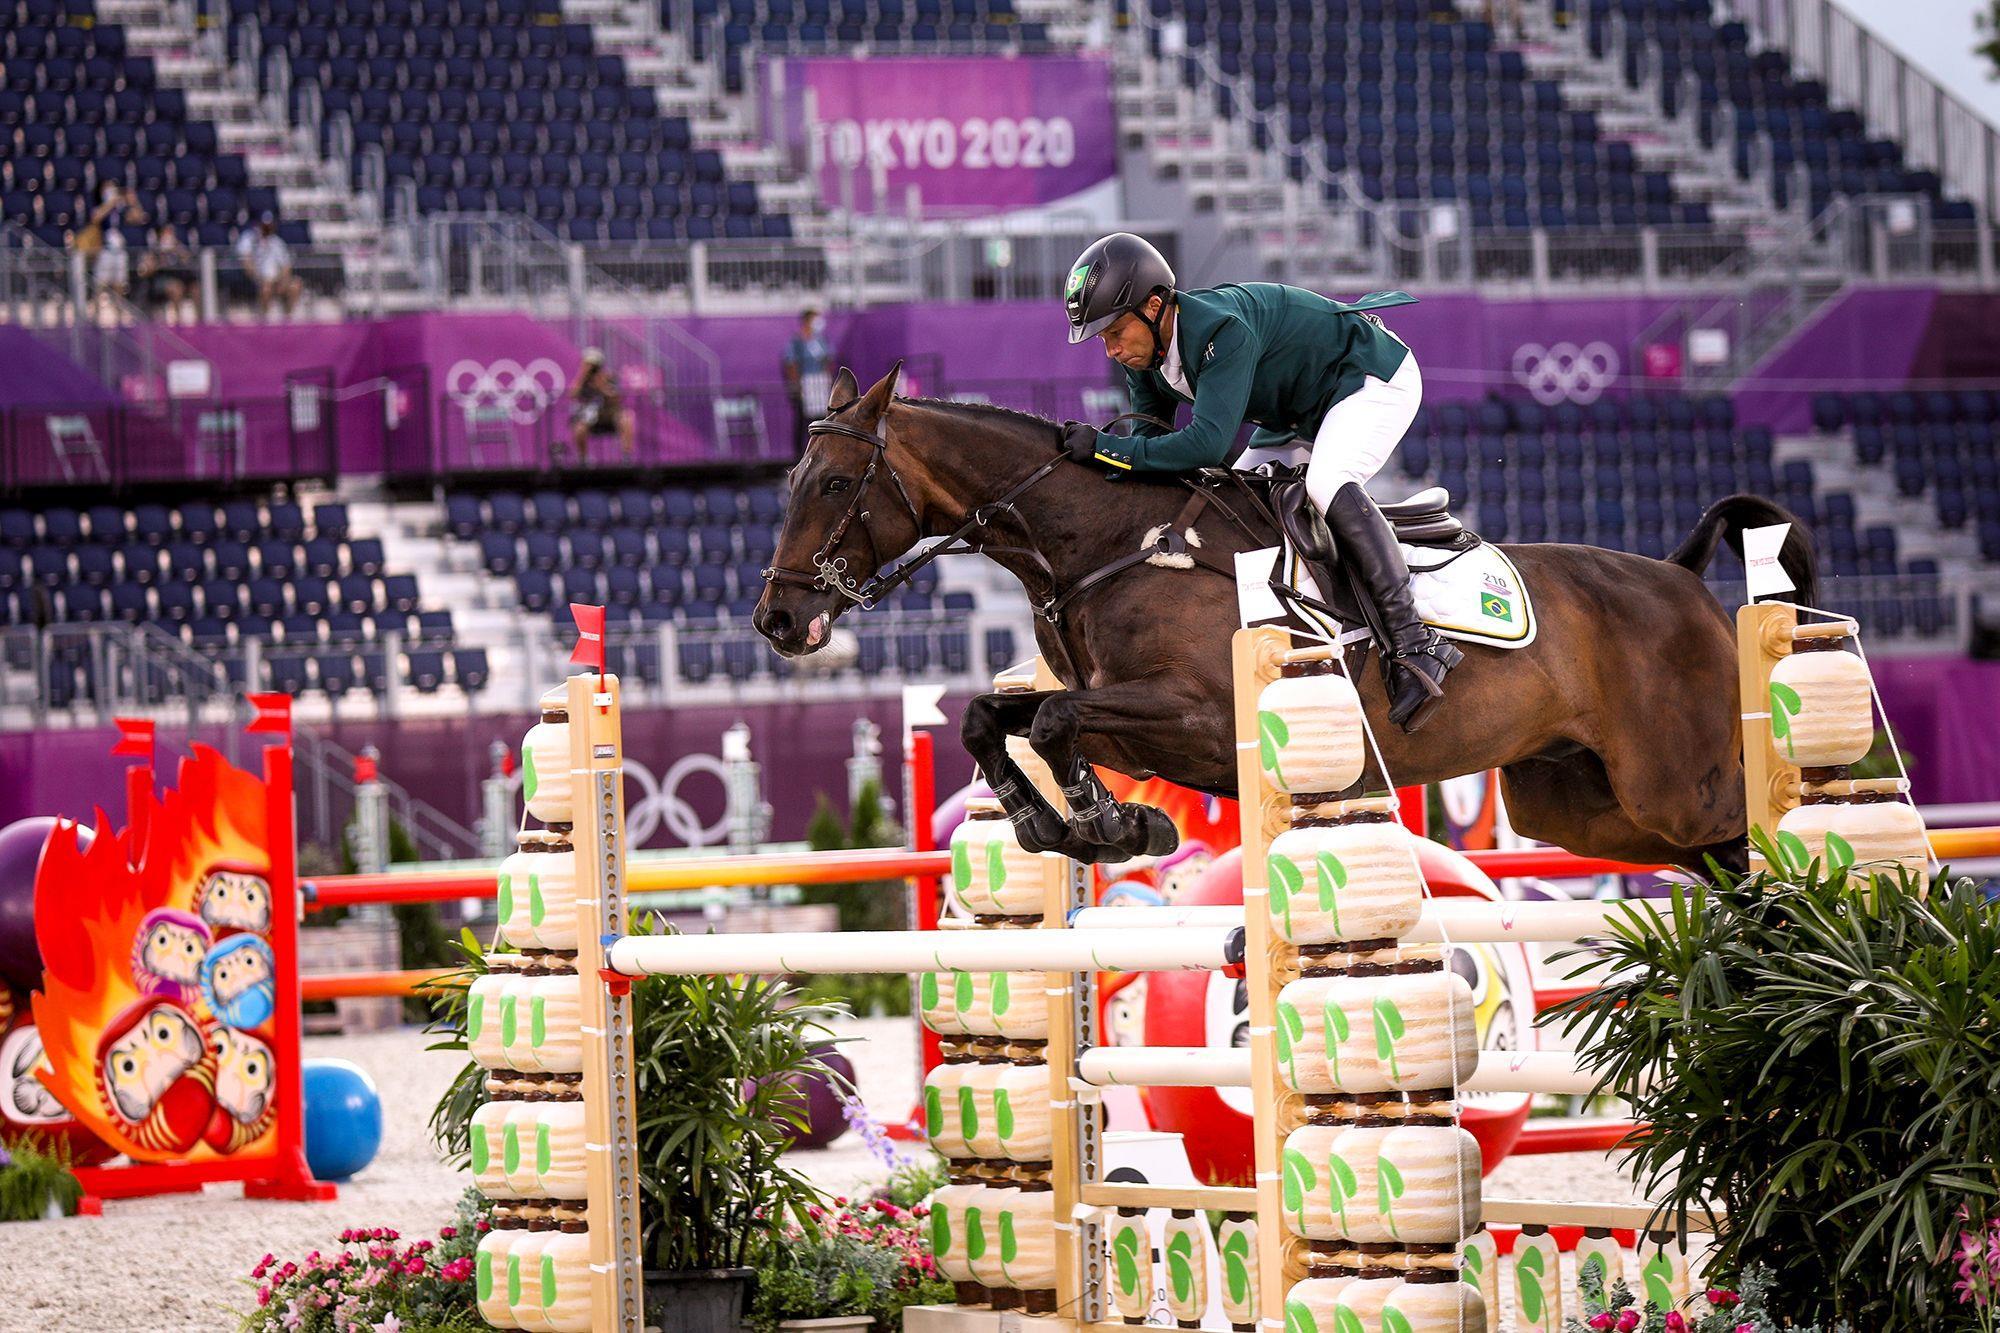 Marcio Appel e Iberon JMen: despedida em final olímpica com apenas uma falta, Luis Ruas/CBH, CCE com muitas emoções